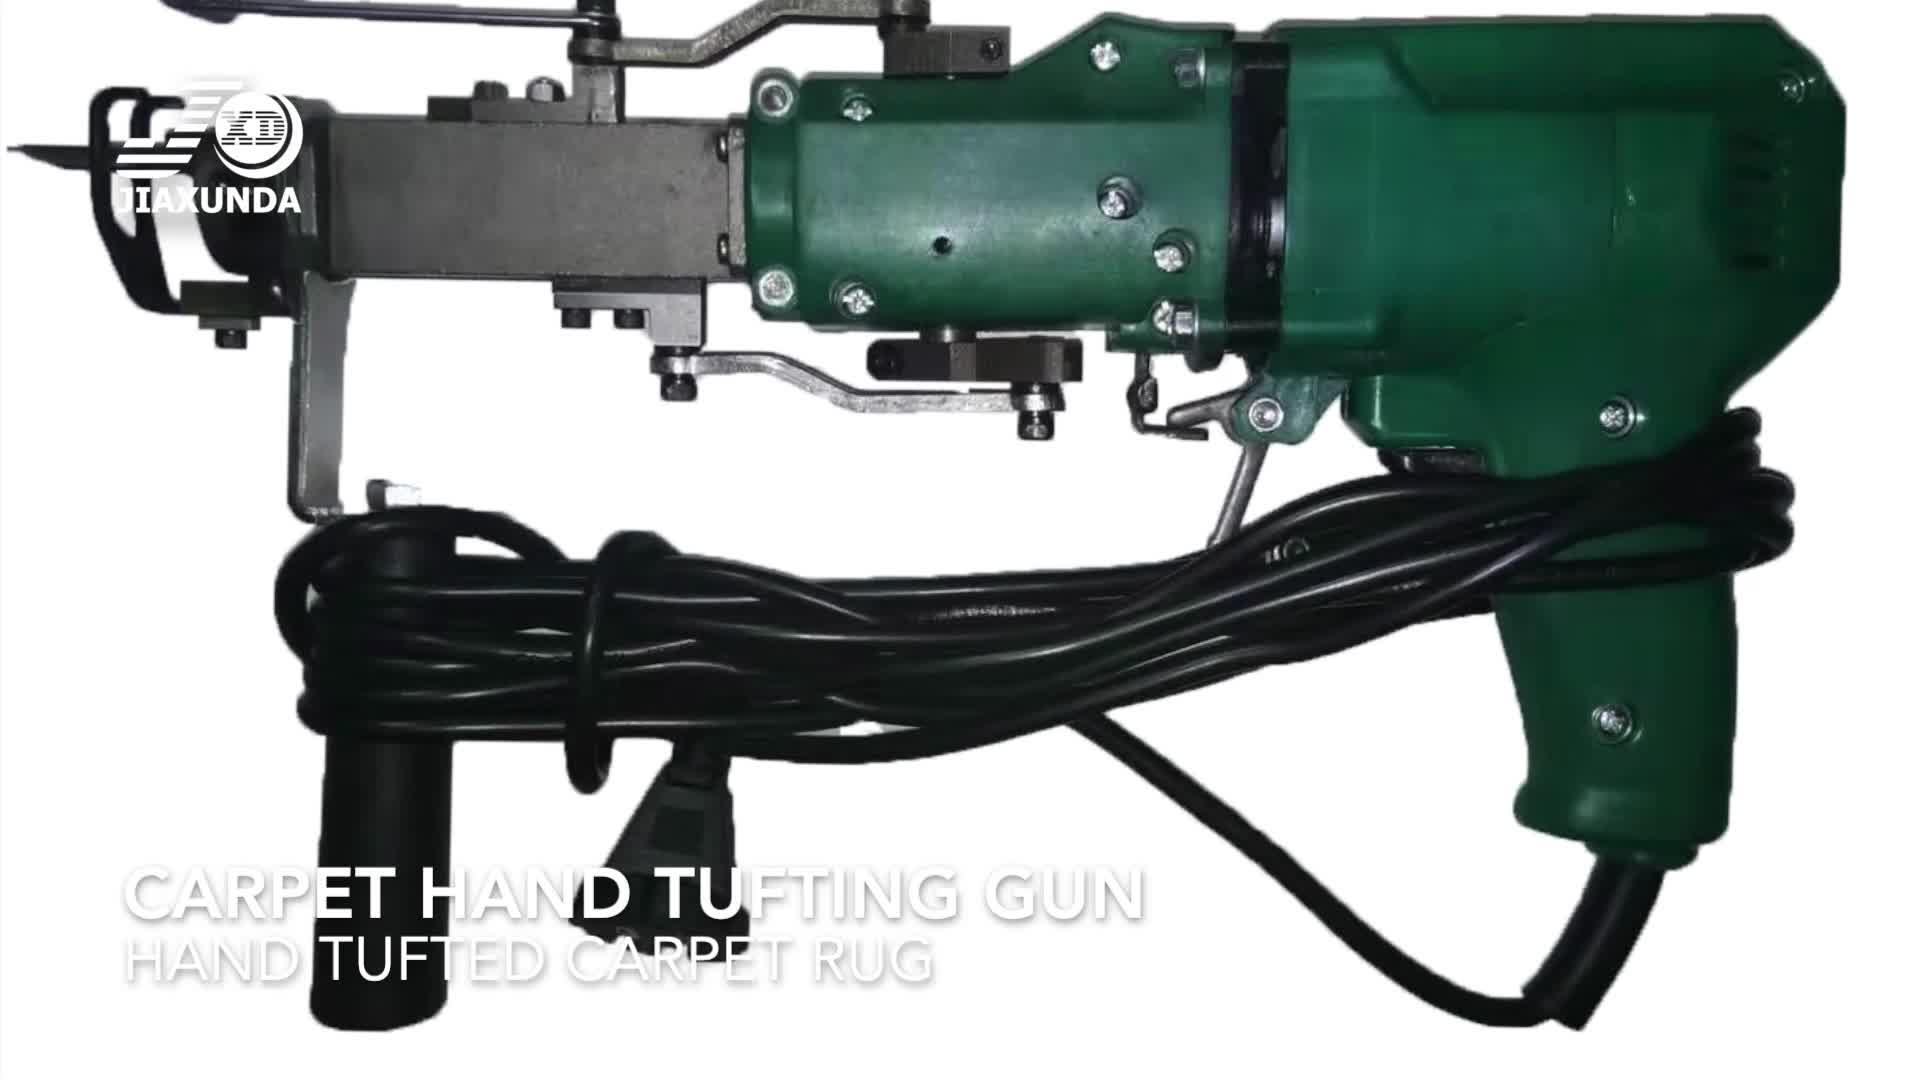 Textura eléctrica de alta-chino hecho a mano alfombras alfombra mano acolchado arma